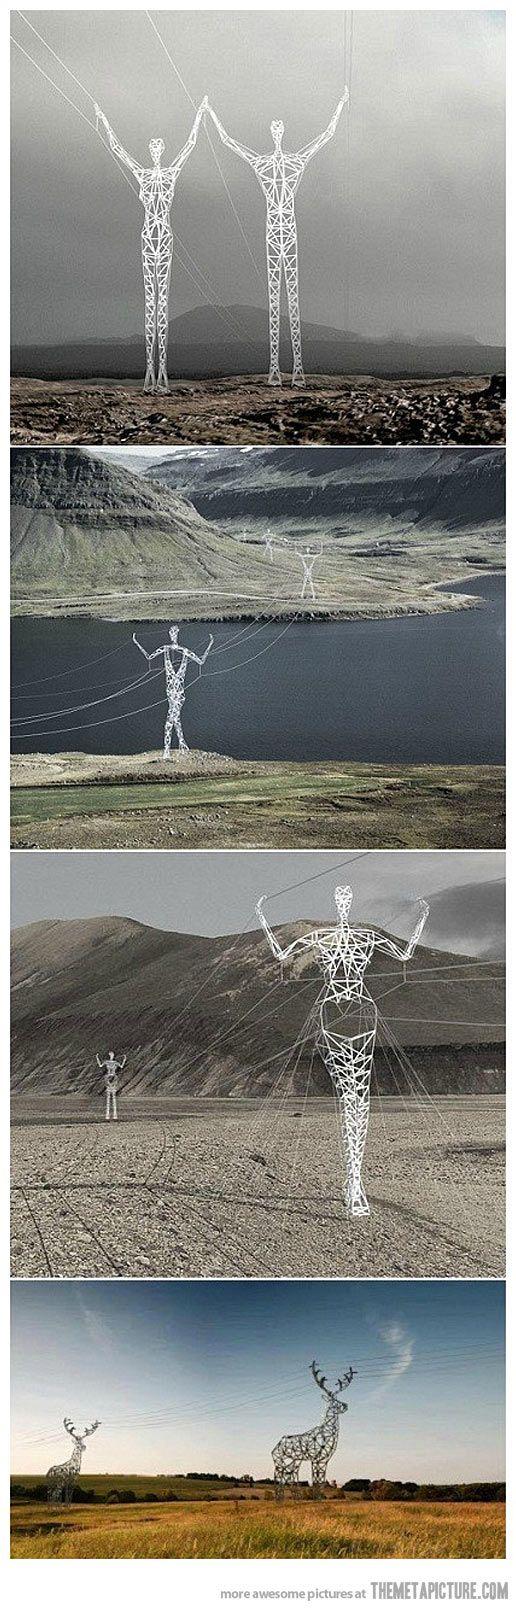 電力的來源其實是太陽藉由樹木所留下來的,樹型的電塔呈現出了這樣的真相 !